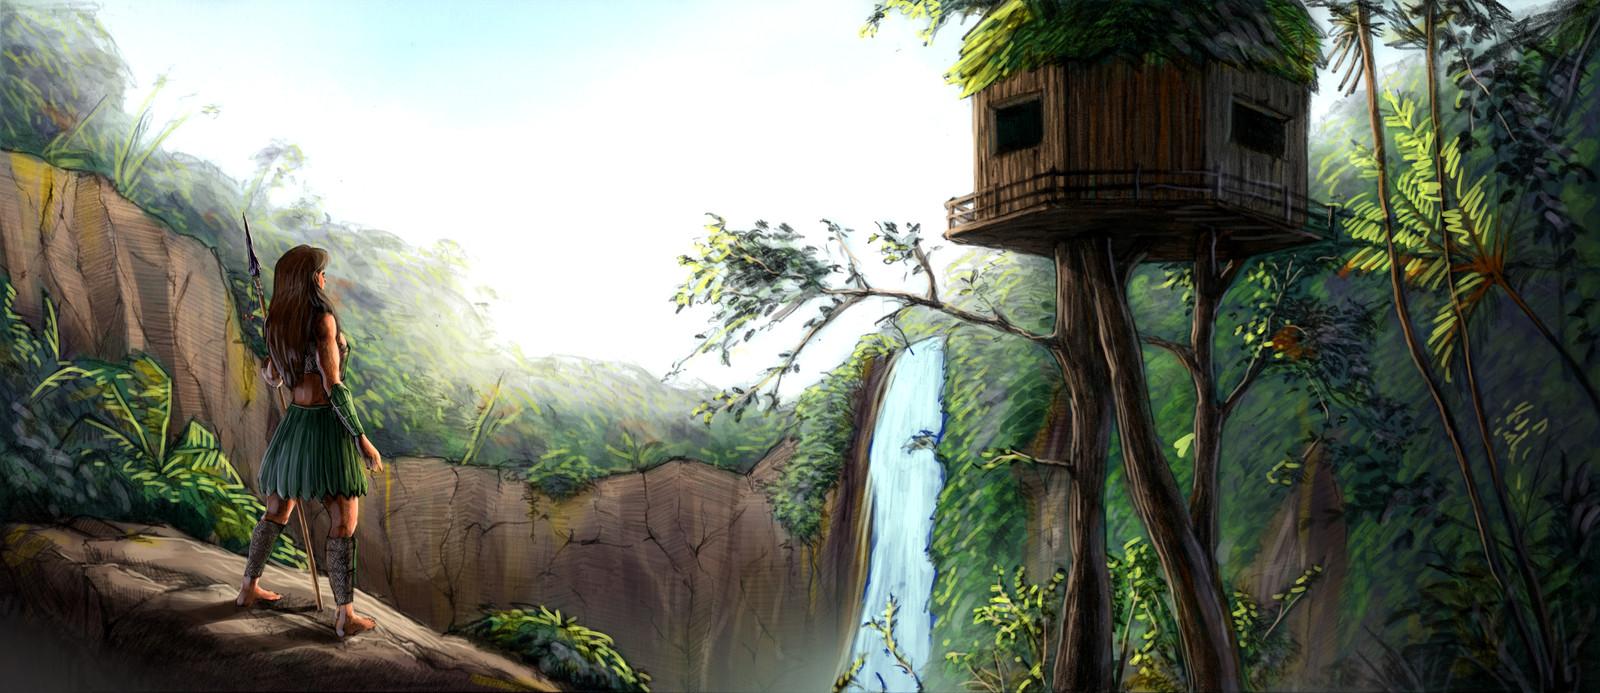 Amazonian jungle scenery